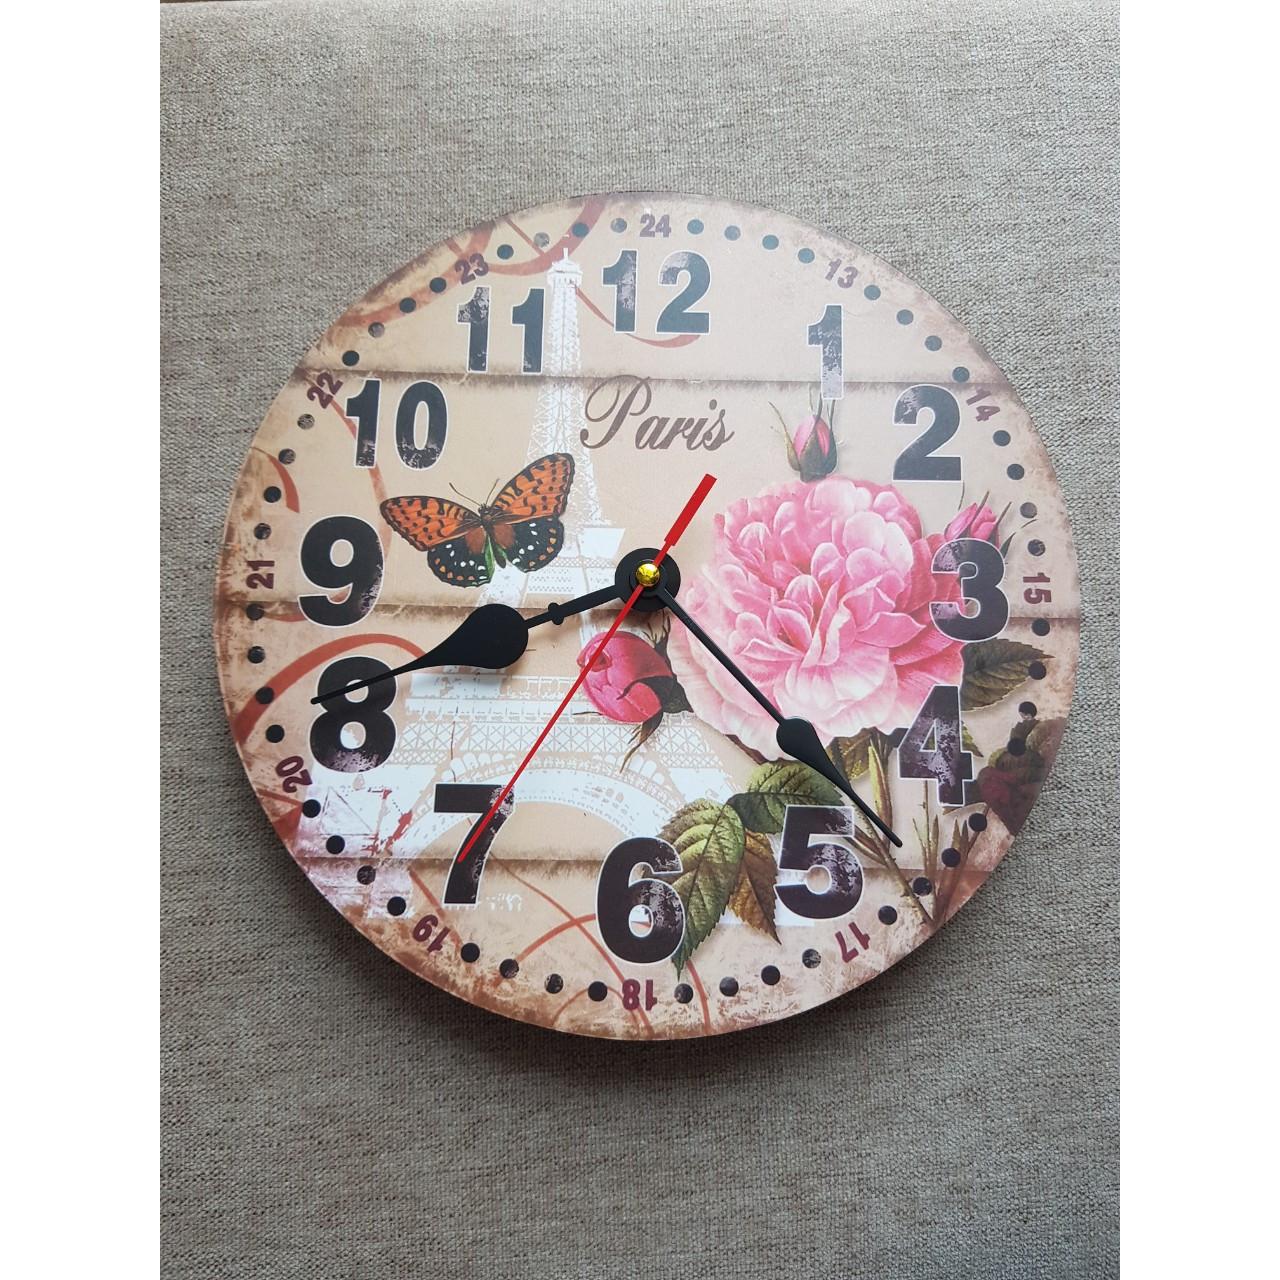 Đồng hồ treo tường Vintage Phong cách Châu Âu size 23cm DH62